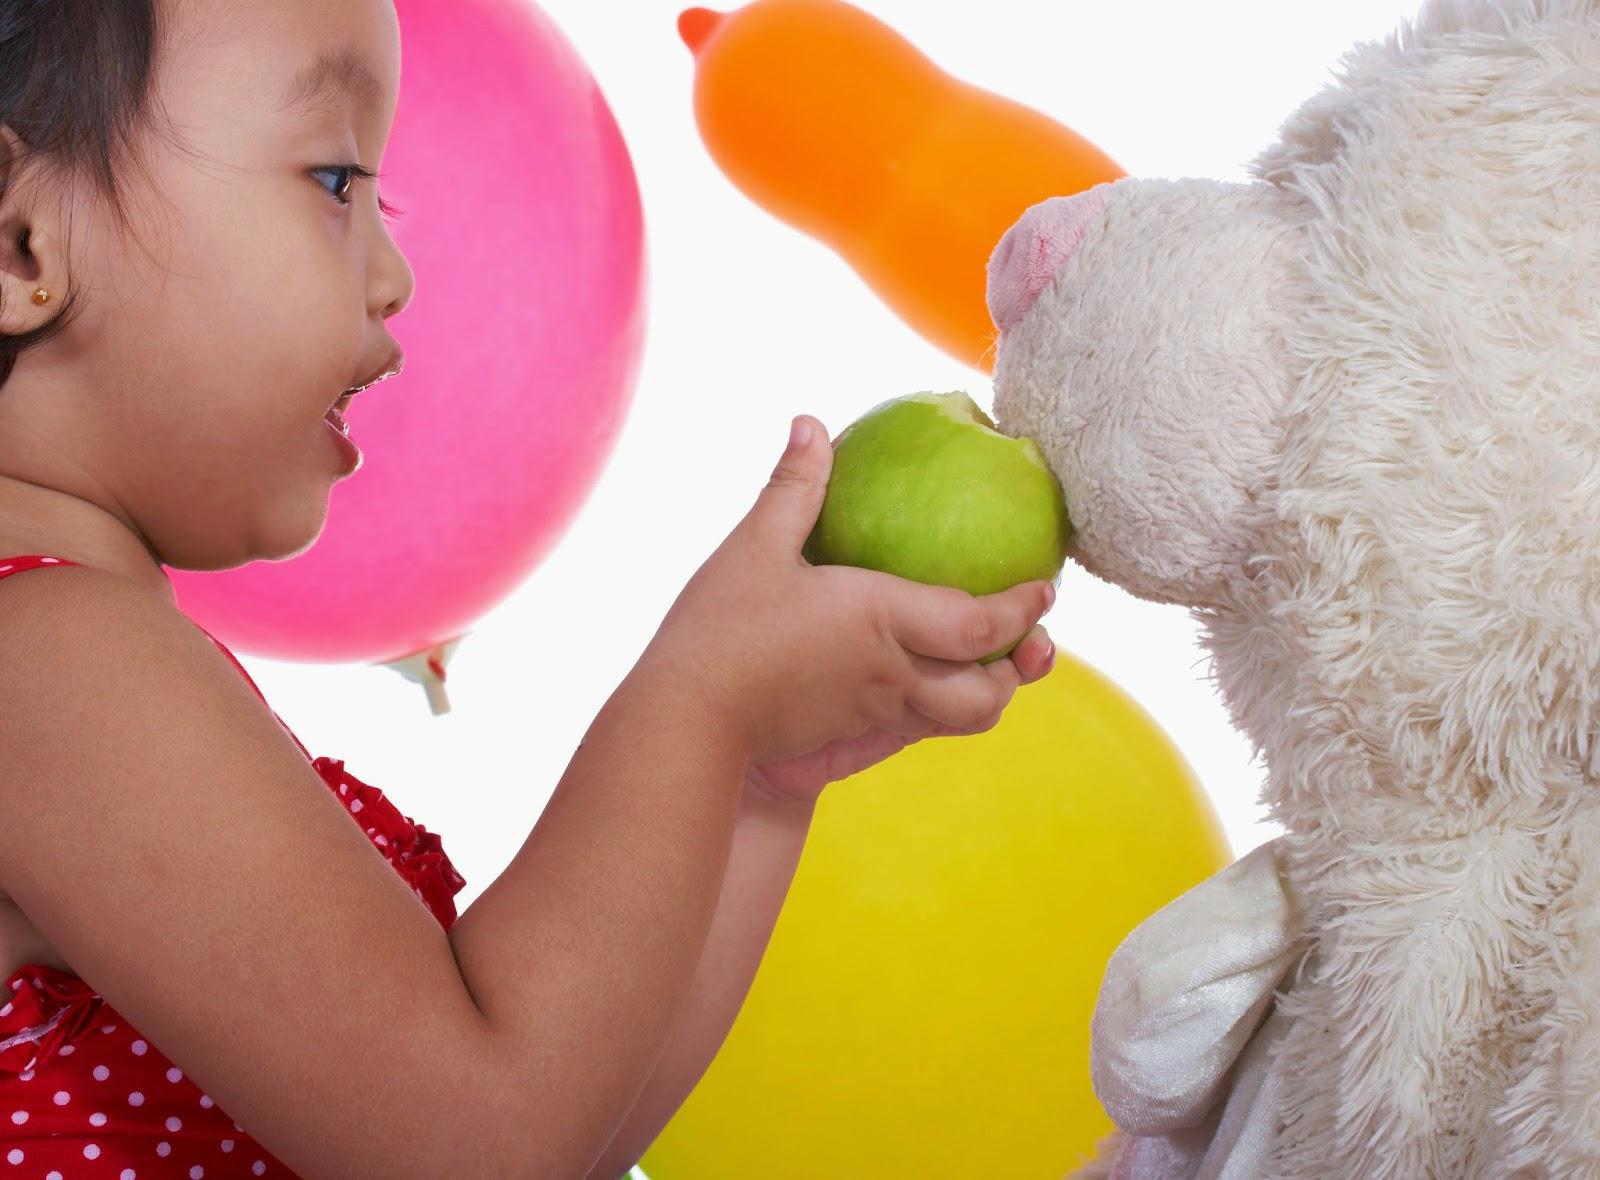 10 نصائح لأسر الأطفال ذوي الاحتياجات الخاصة و كيفية التعامل معهم